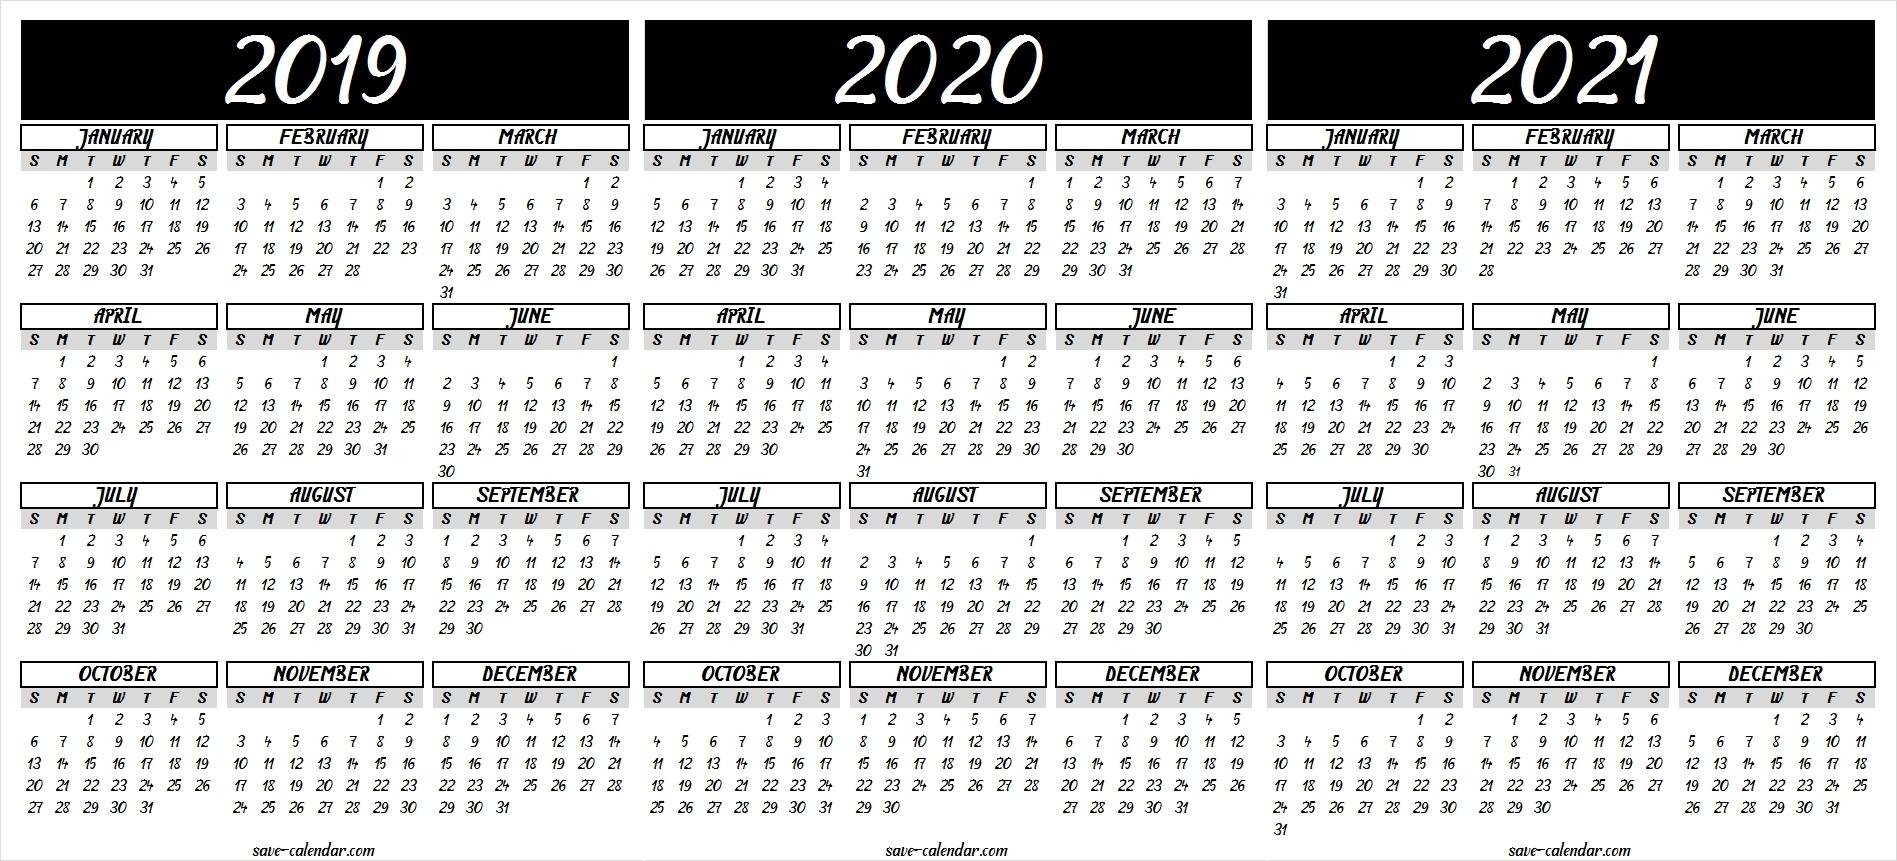 2021 Weekly Calendar Printable First Week   Avnitasoni Next Year August Calendar 2021